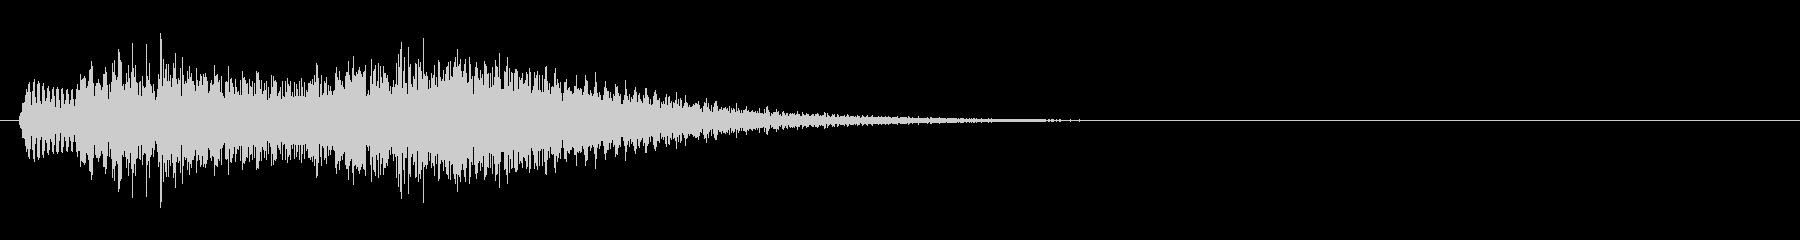 ゲームなどの決定音に使える シャラン音の未再生の波形